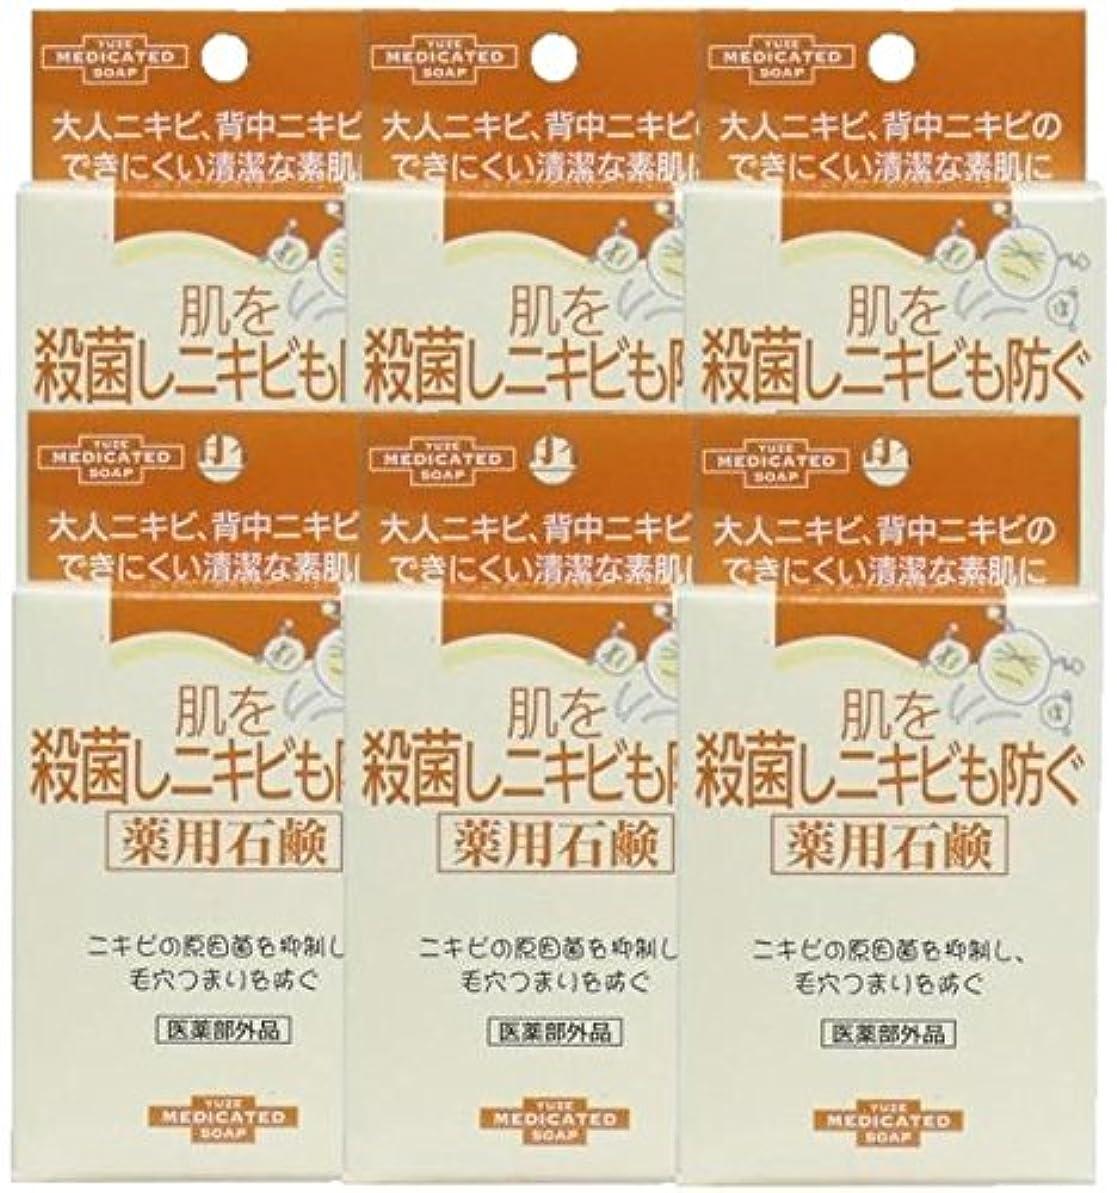 電気陽性こする刺すユゼ 肌を殺菌しニキビも防ぐ薬用石鹸 (110g)×6個セット